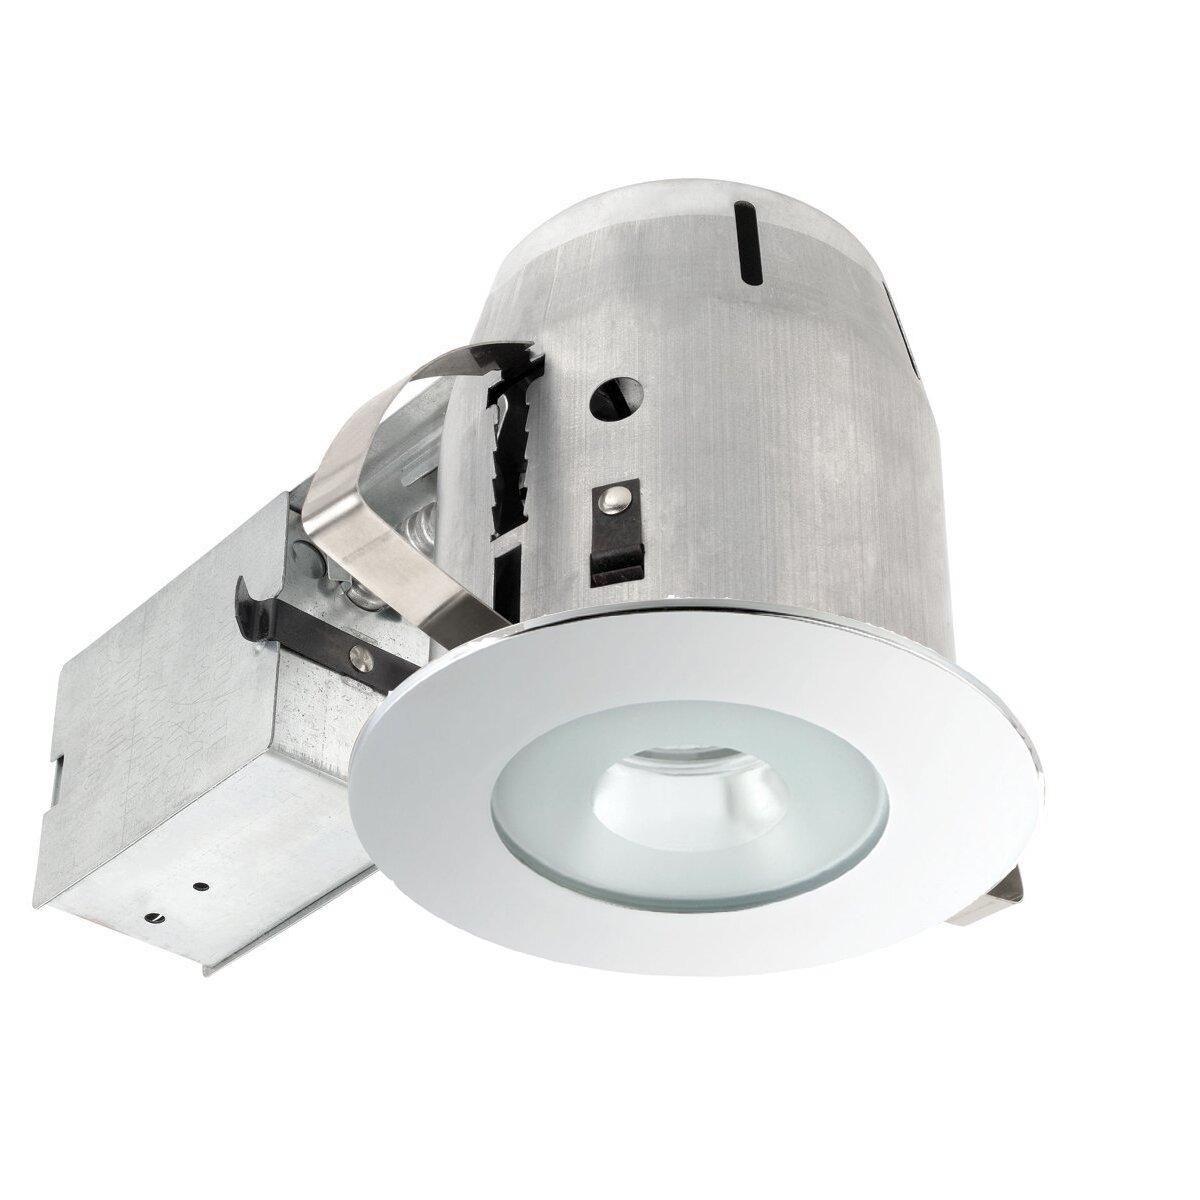 Bathroom Recessed Lighting Kit